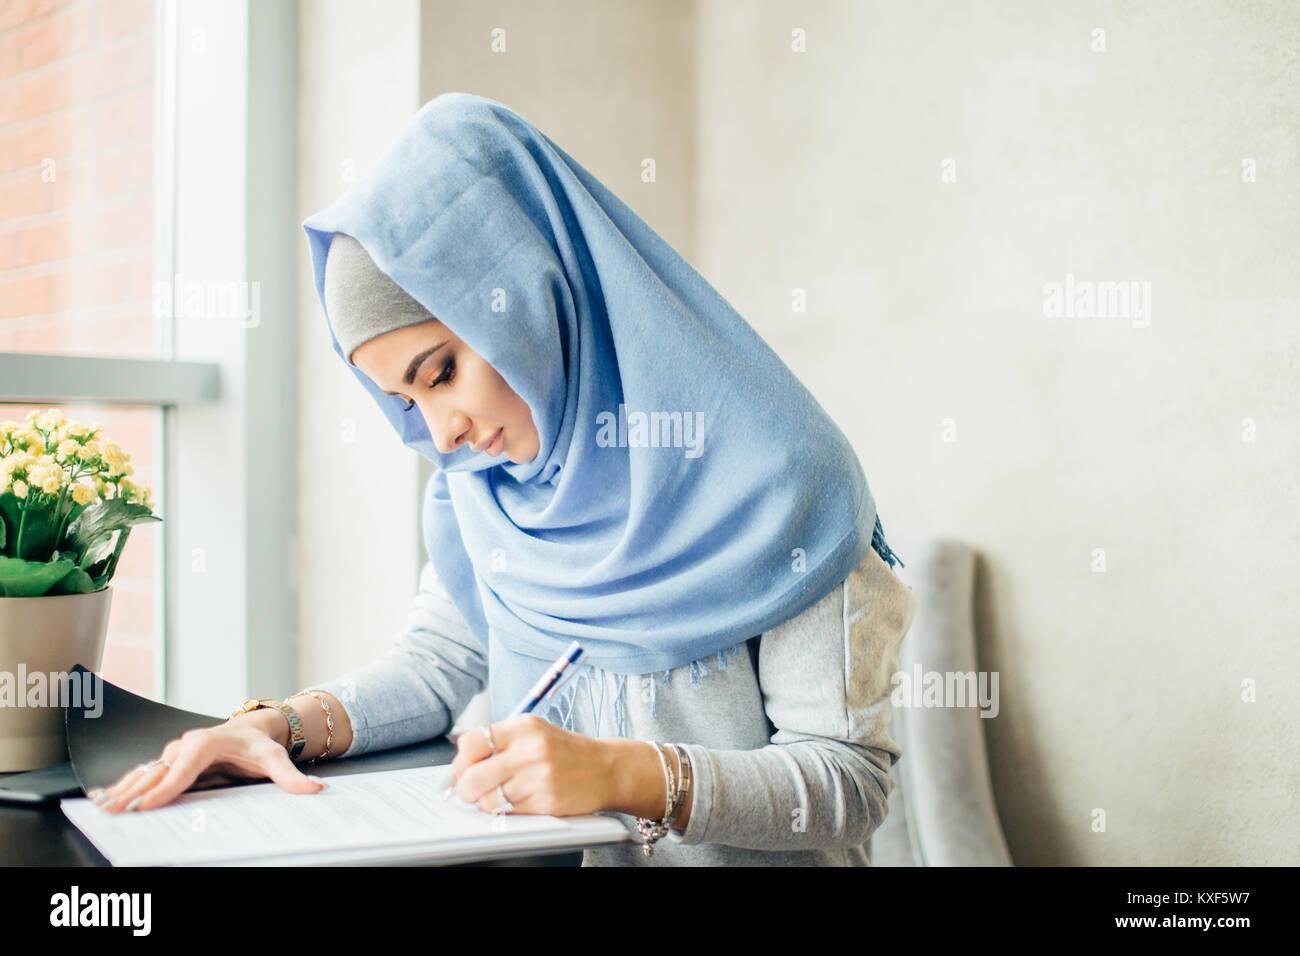 Hermosa mujer musulmana para trabajar con documentos de negocios, concepto de estilo de vida. Imagen De Stock